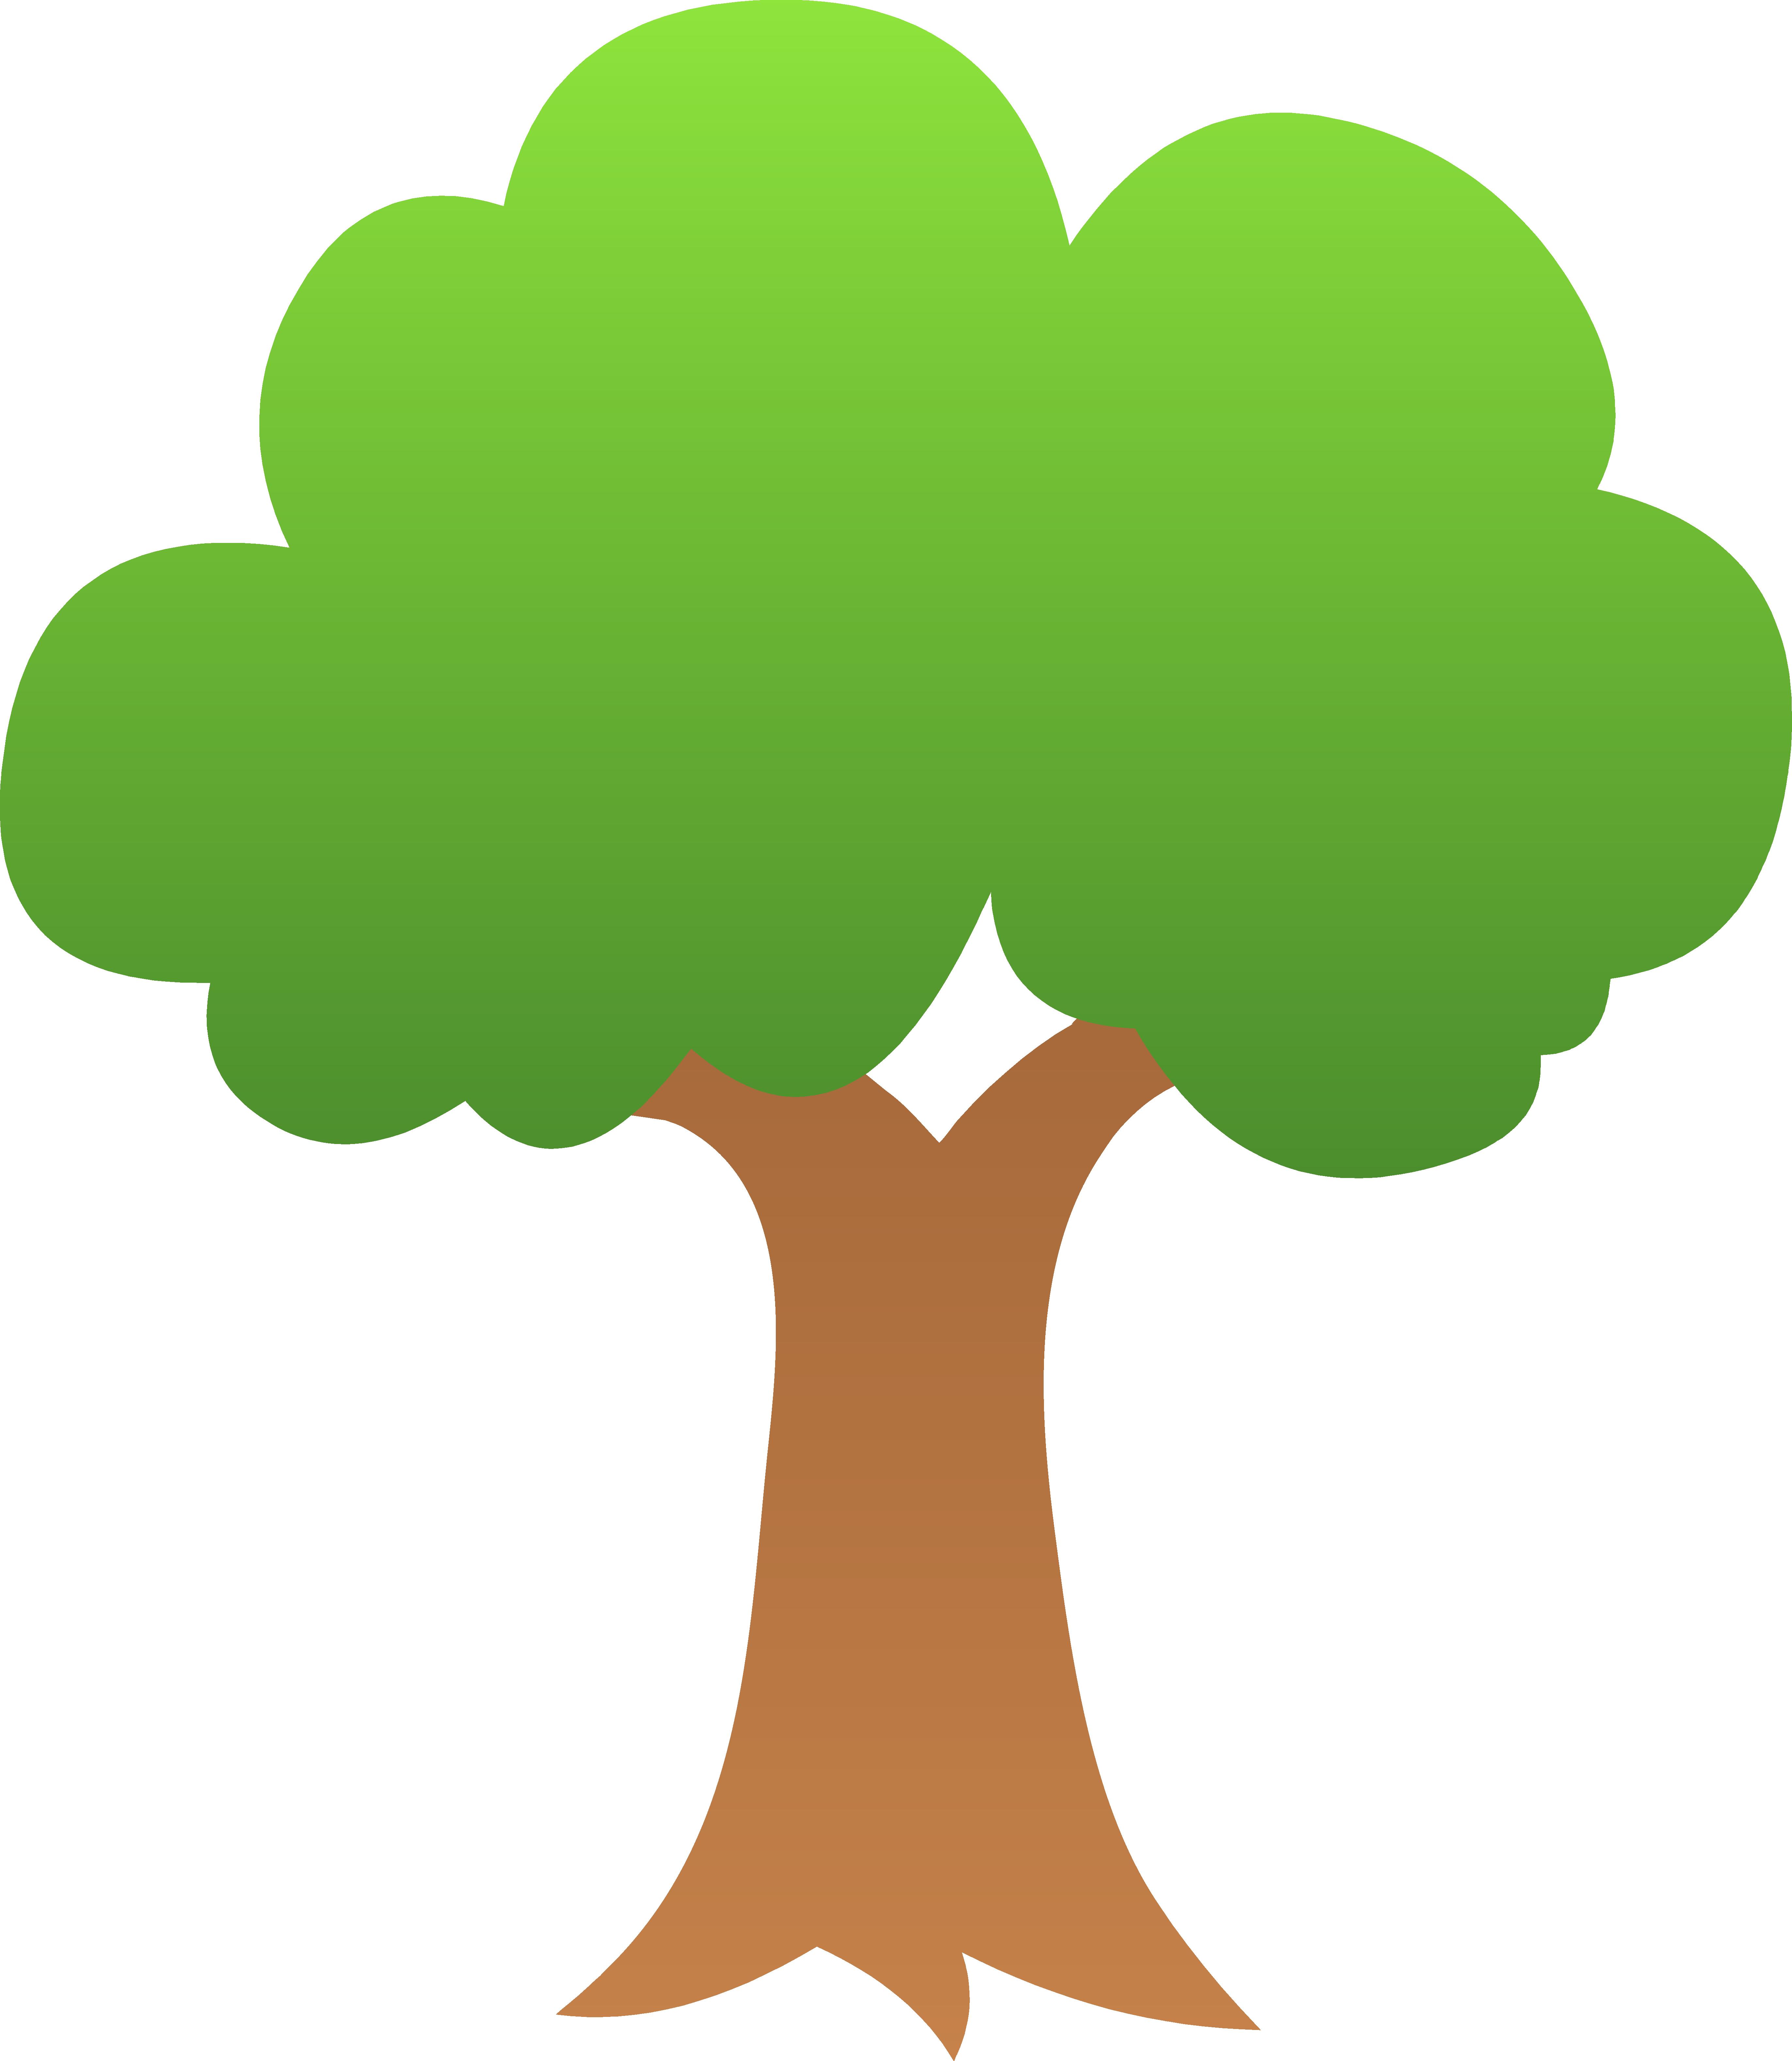 Tree Clipart-tree clipart-16